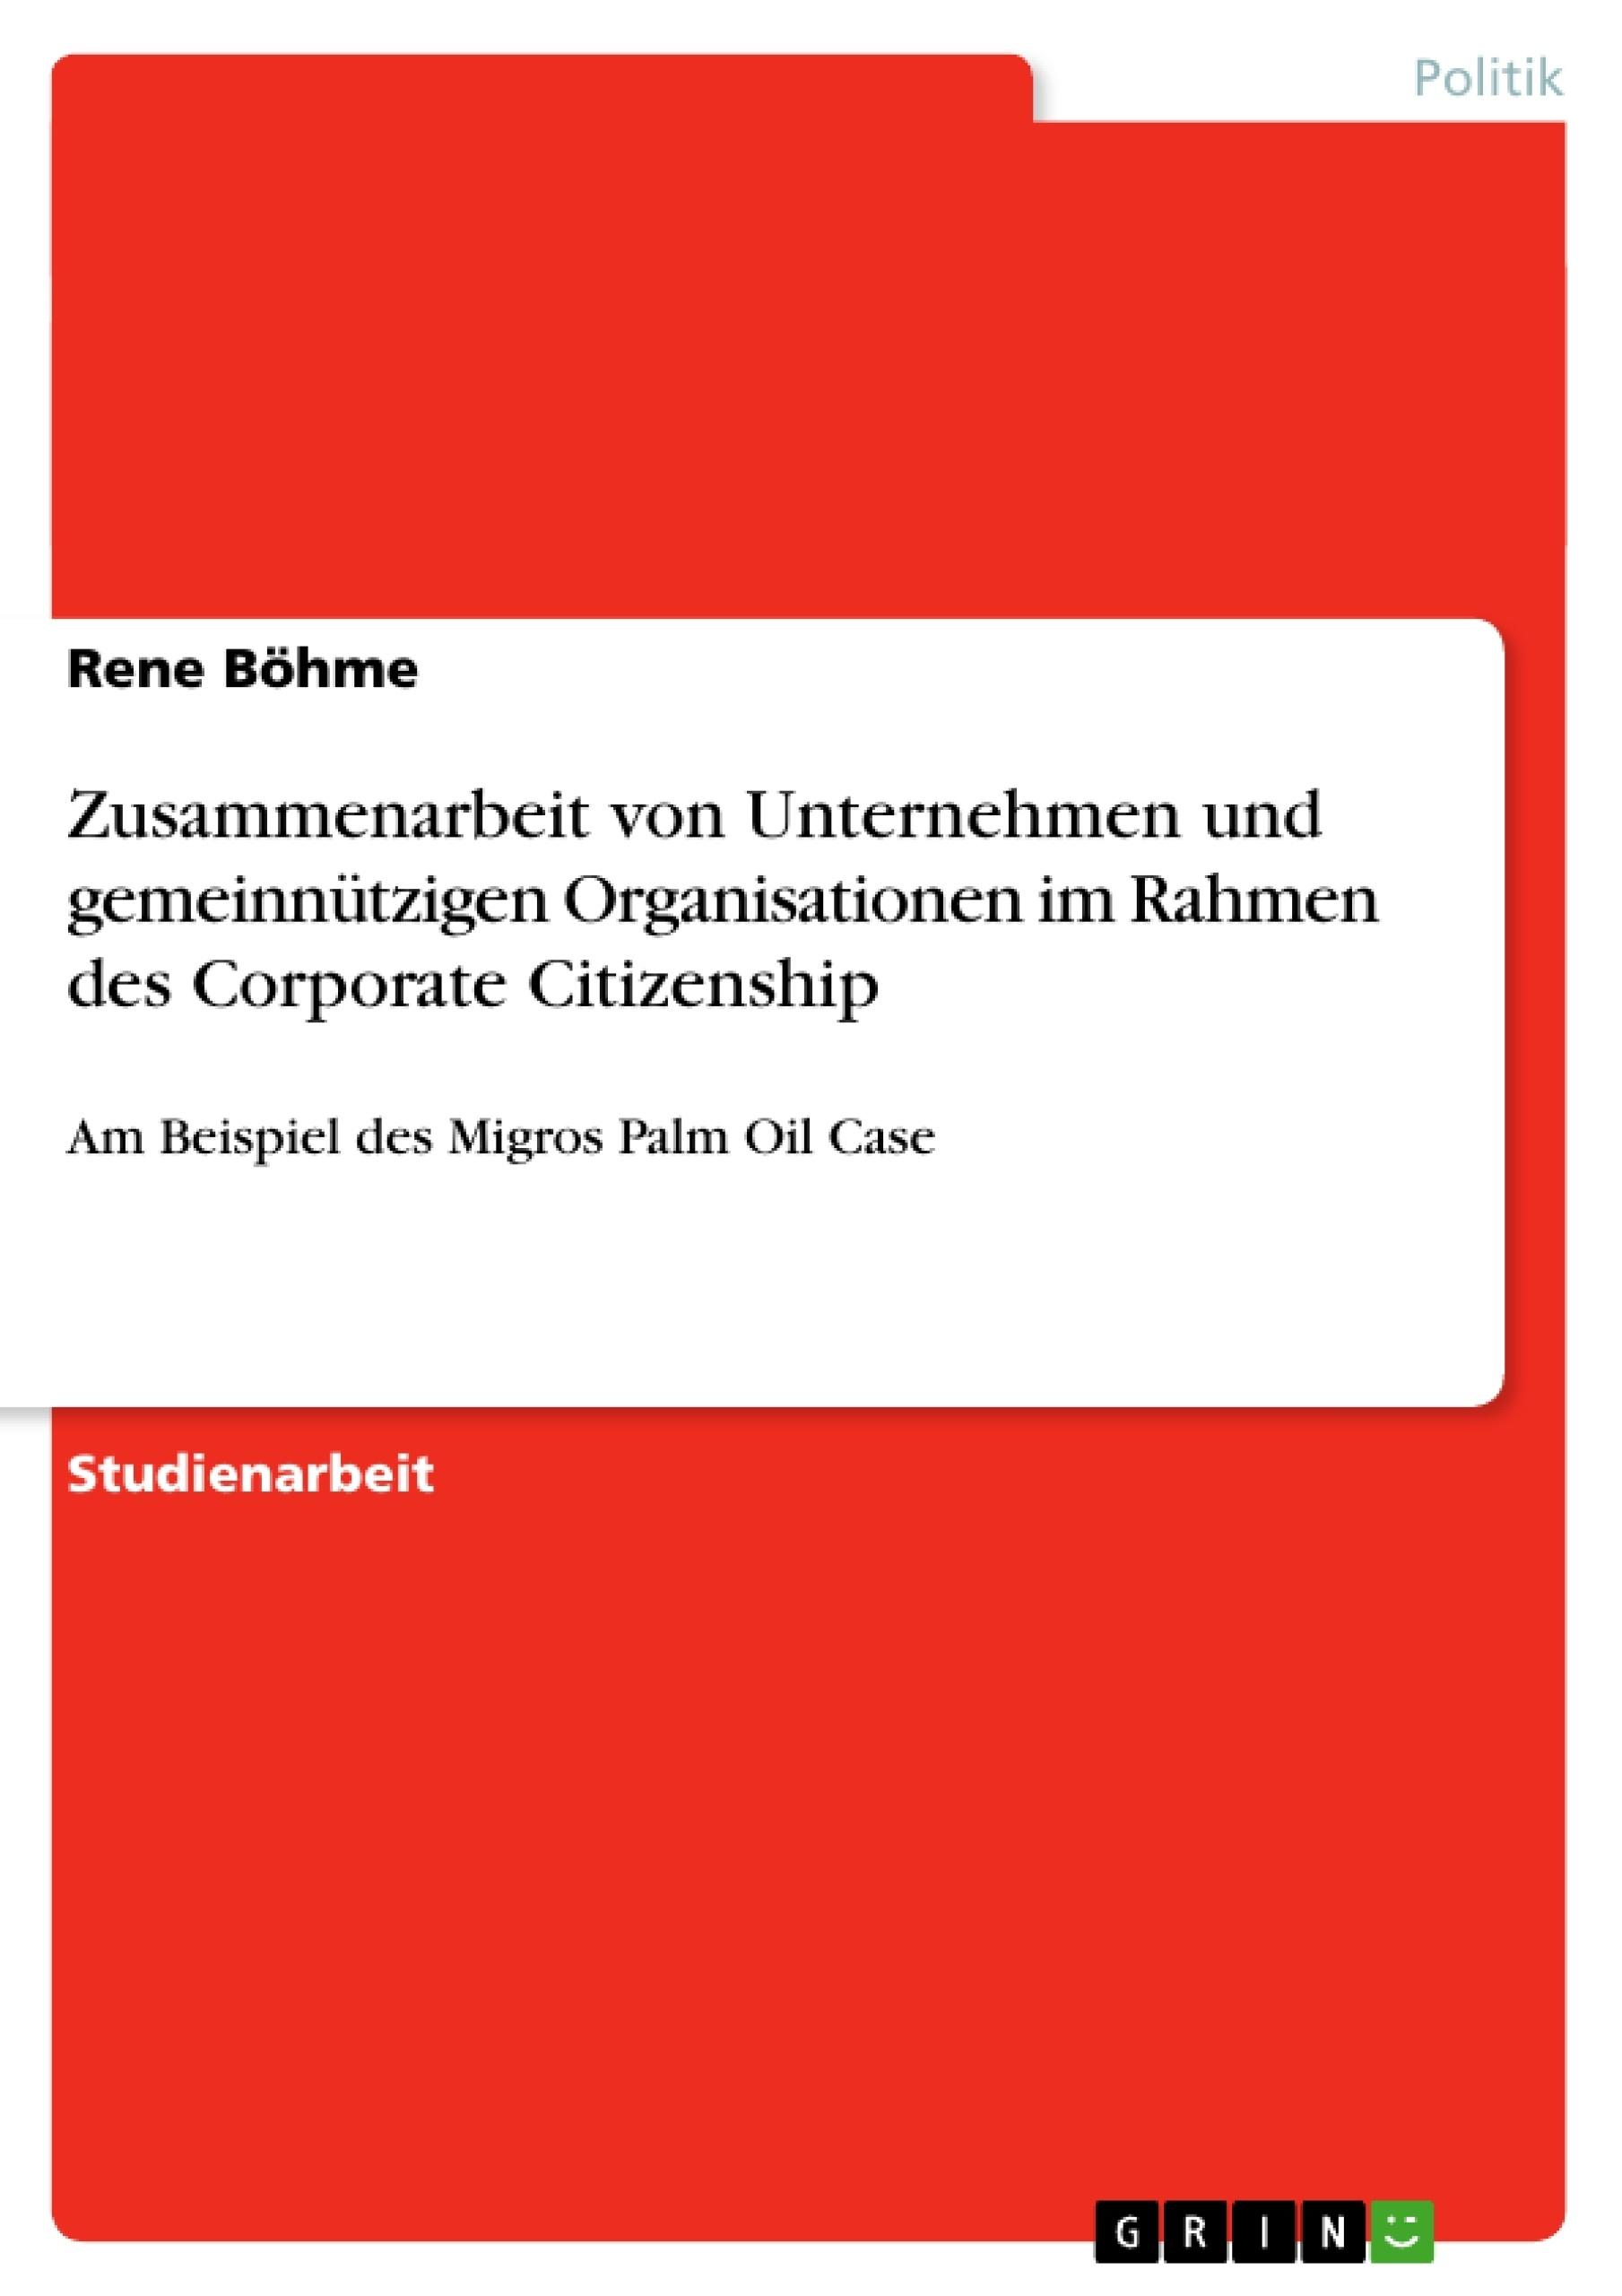 Titel: Zusammenarbeit von Unternehmen und gemeinnützigen Organisationen im Rahmen des Corporate Citizenship